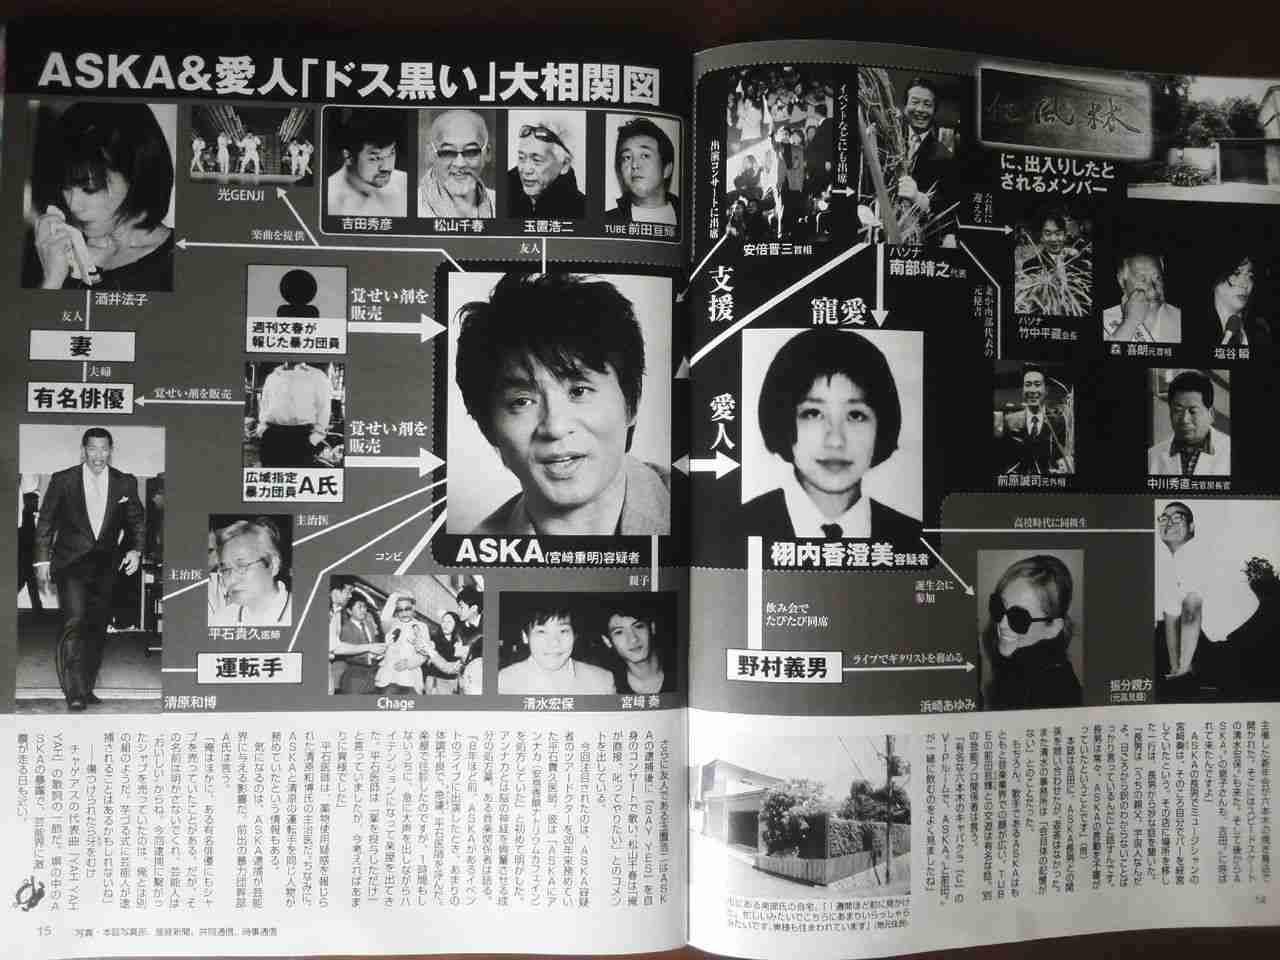 浜崎あゆみ、カメラマンに「顔のアップNG」!写真撮影への注文が多いタレントとは?